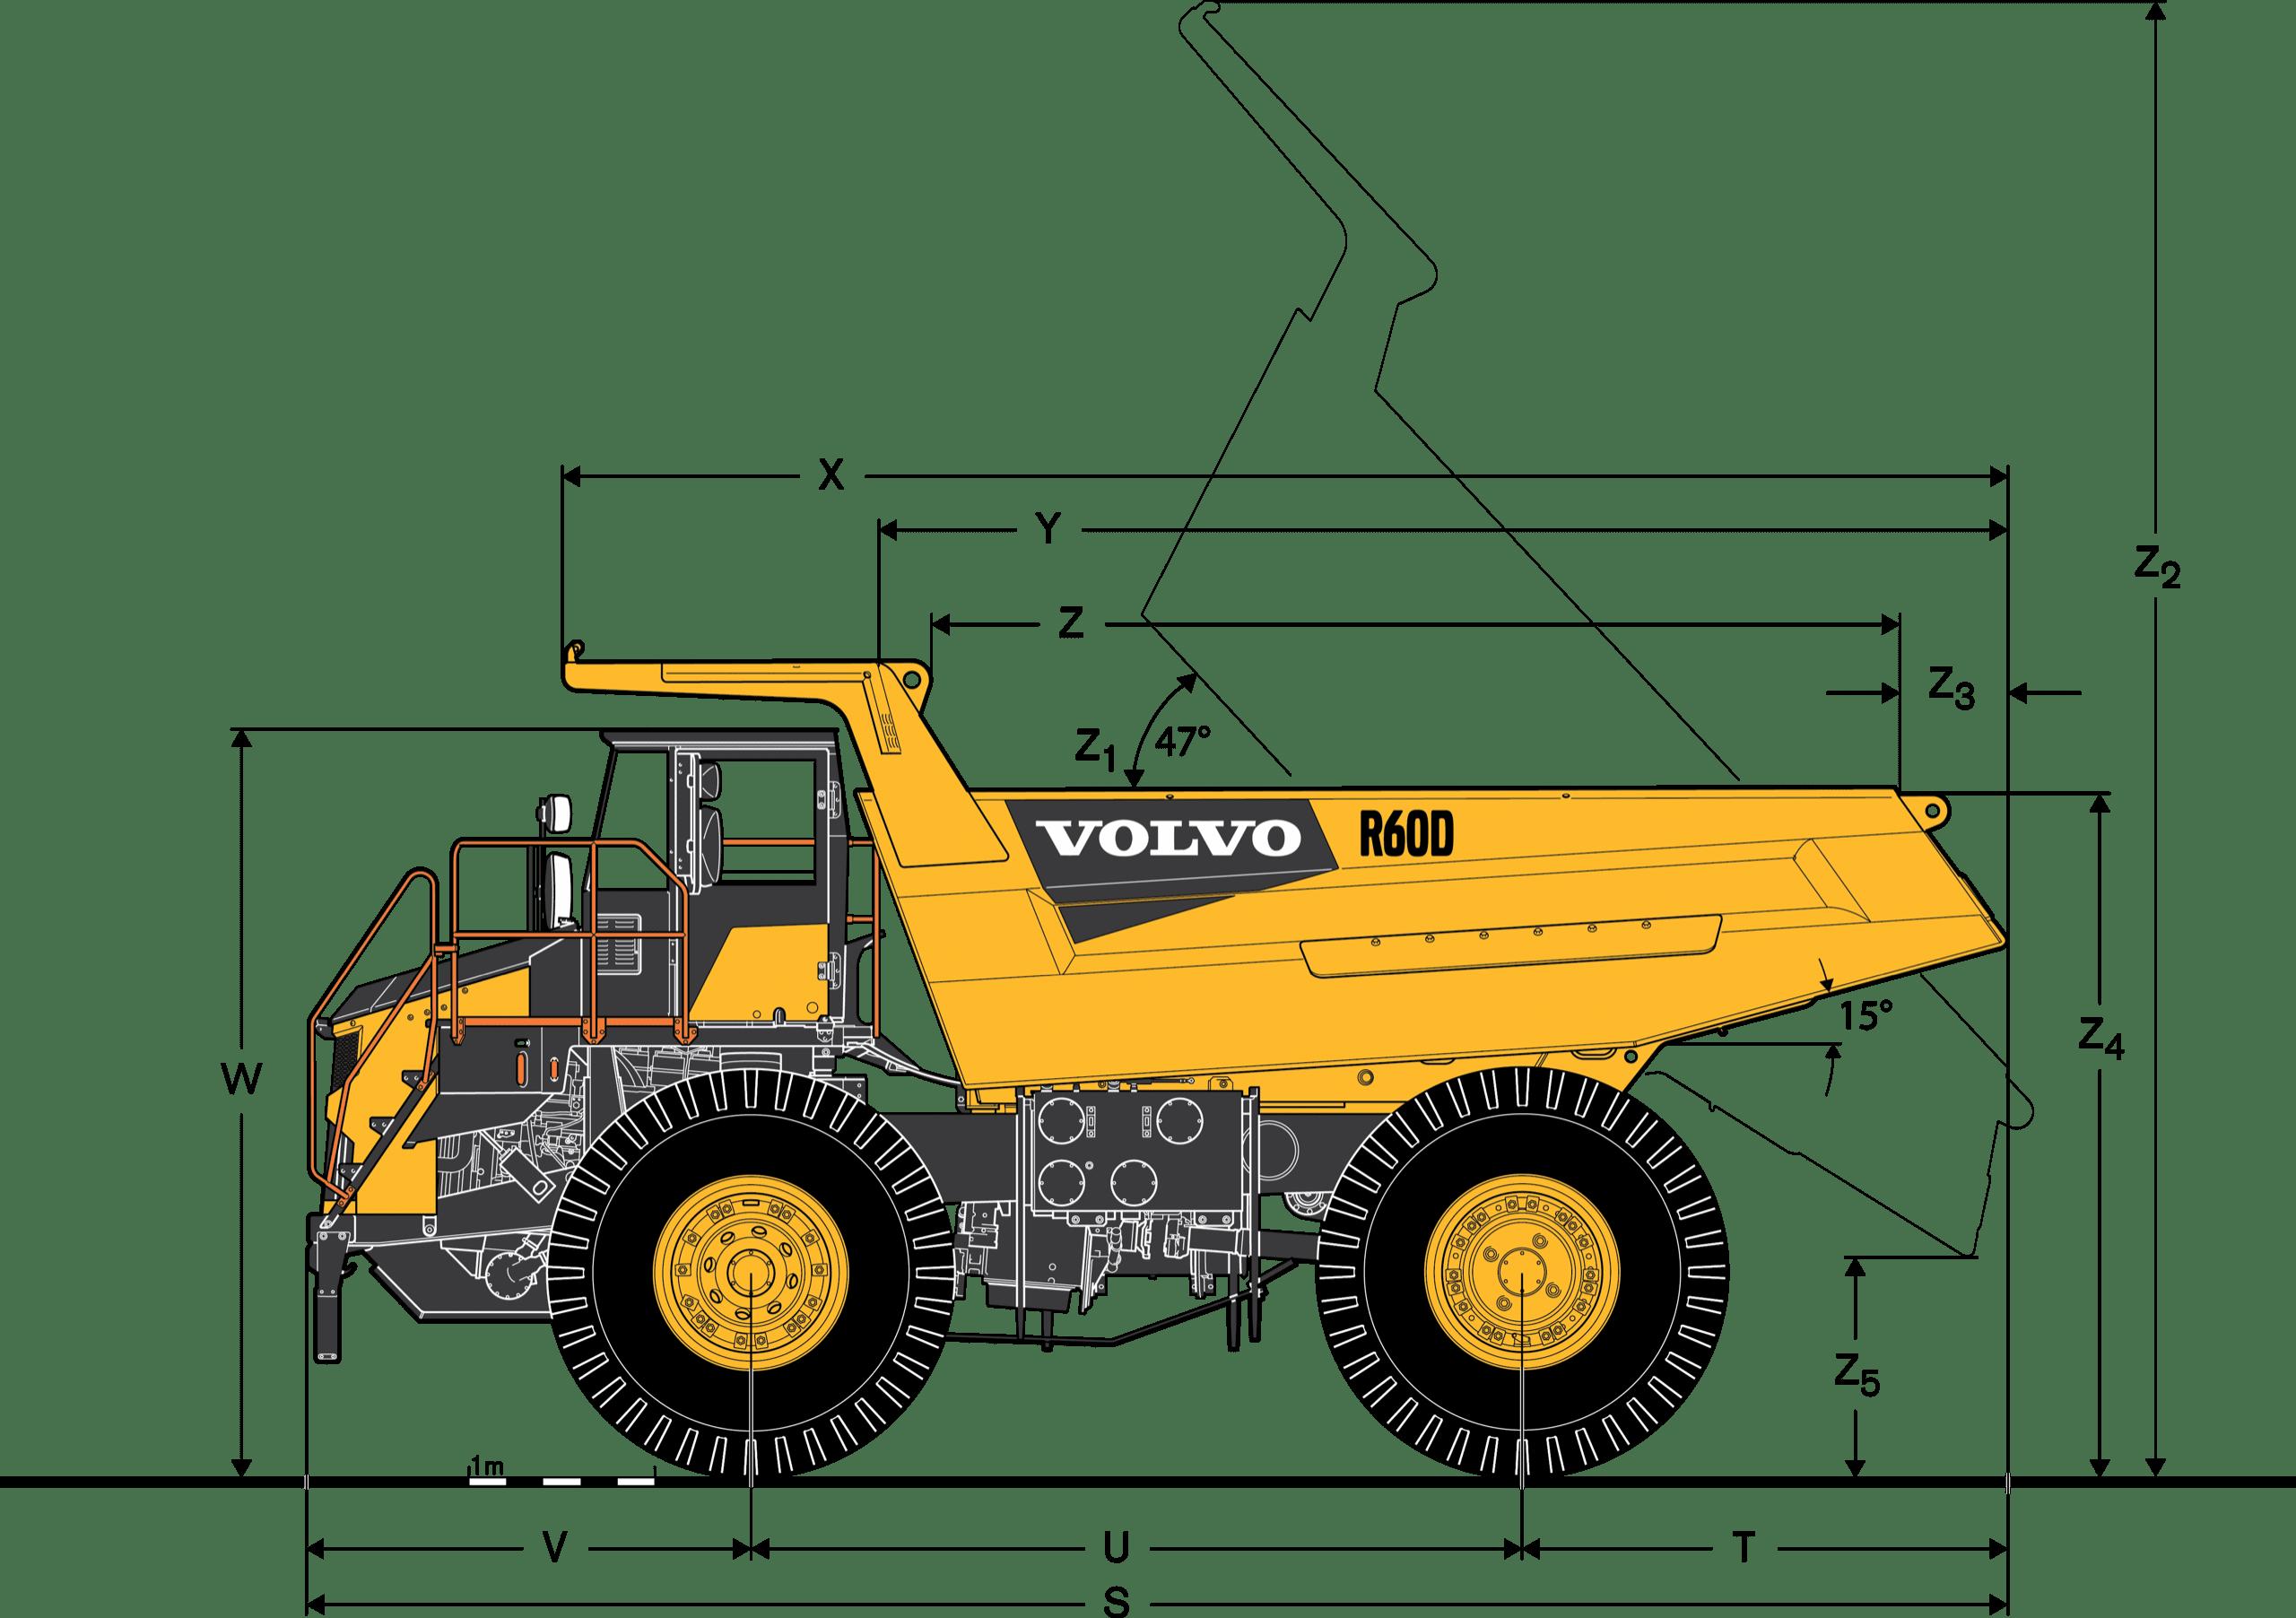 CJD-Rigid-Hauler-Volvo-R60D-2